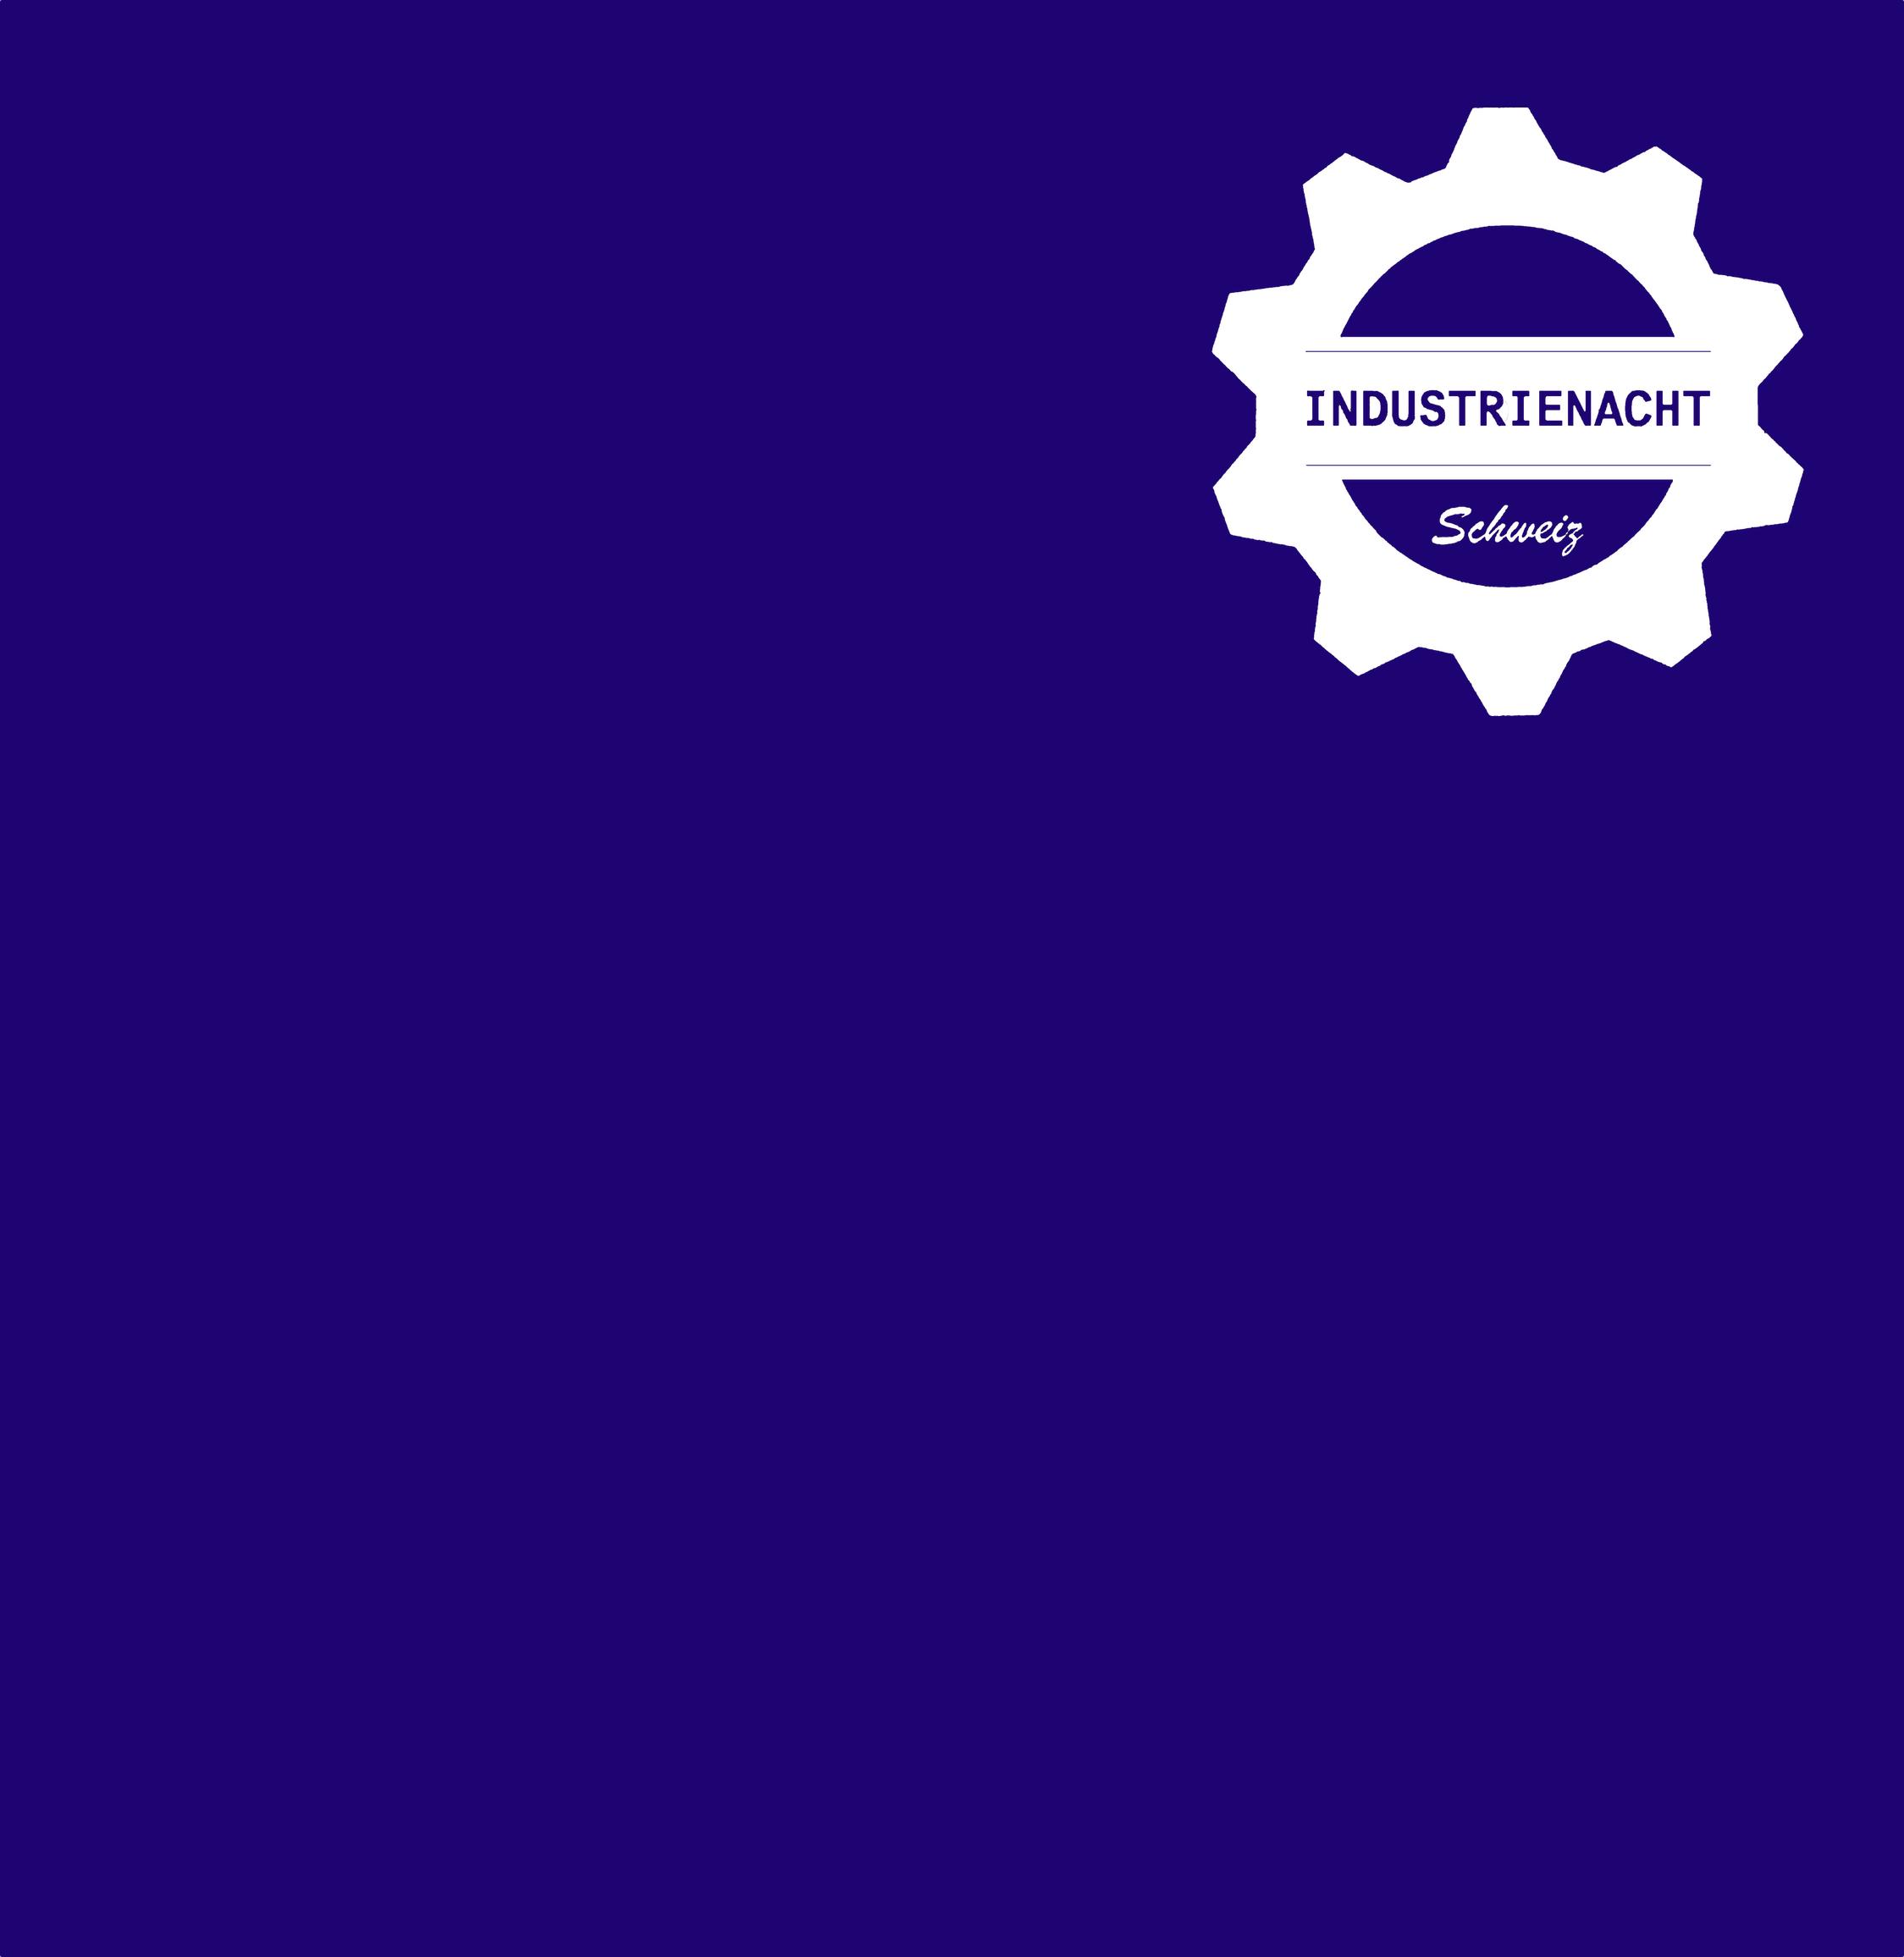 http://industrienacht.ch/wp-content/uploads/2016/03/Logo-Industrienacht-Unternehmen.jpg